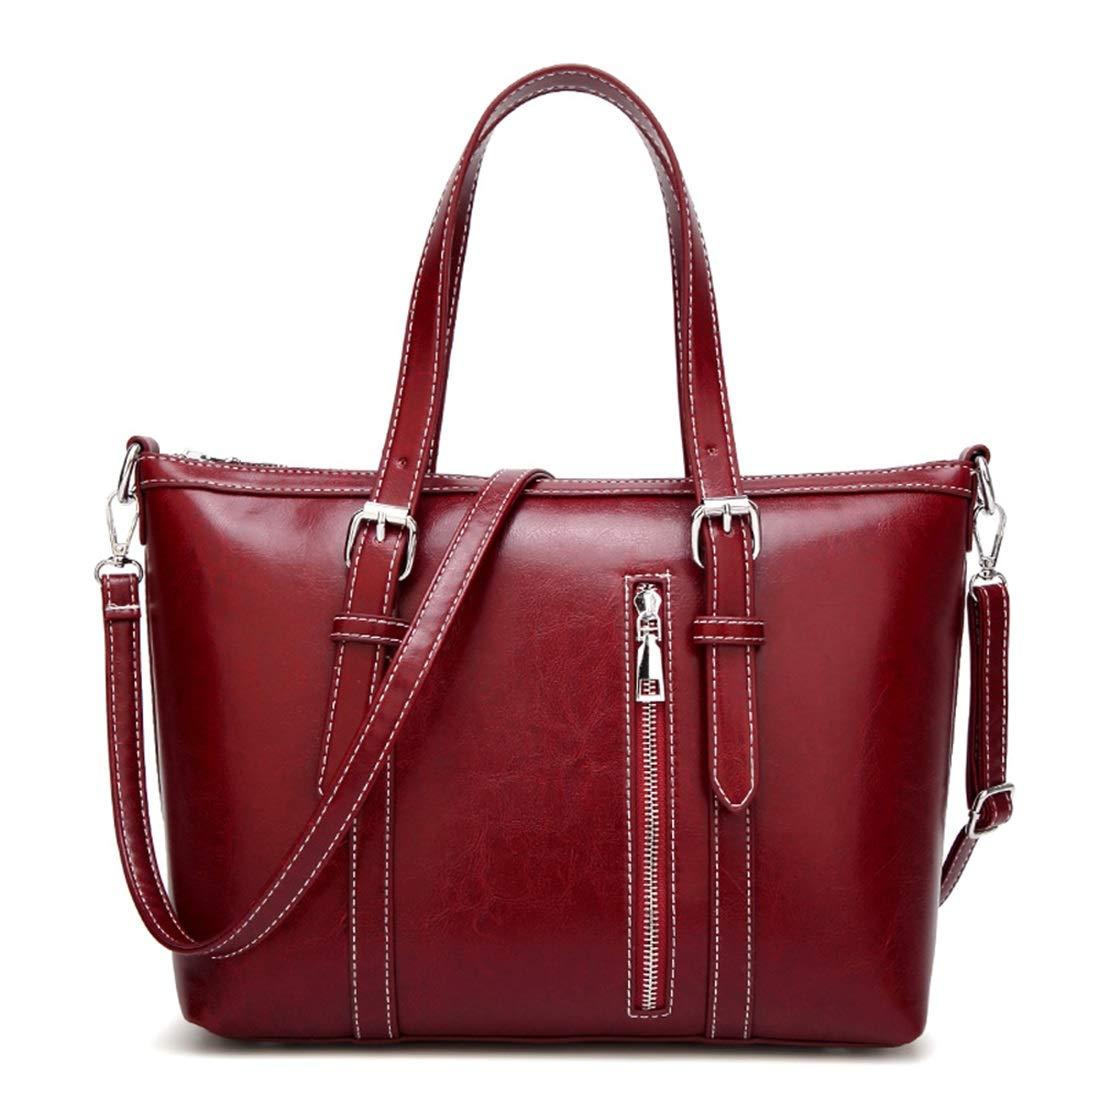 Sakuldes Damen Leder Handtaschen Schultertaschen Damen Schultertasche Messenger Bags Damen Handtaschen (Farbe   rot) B07MYWJ2R7 Henkeltaschen Mode